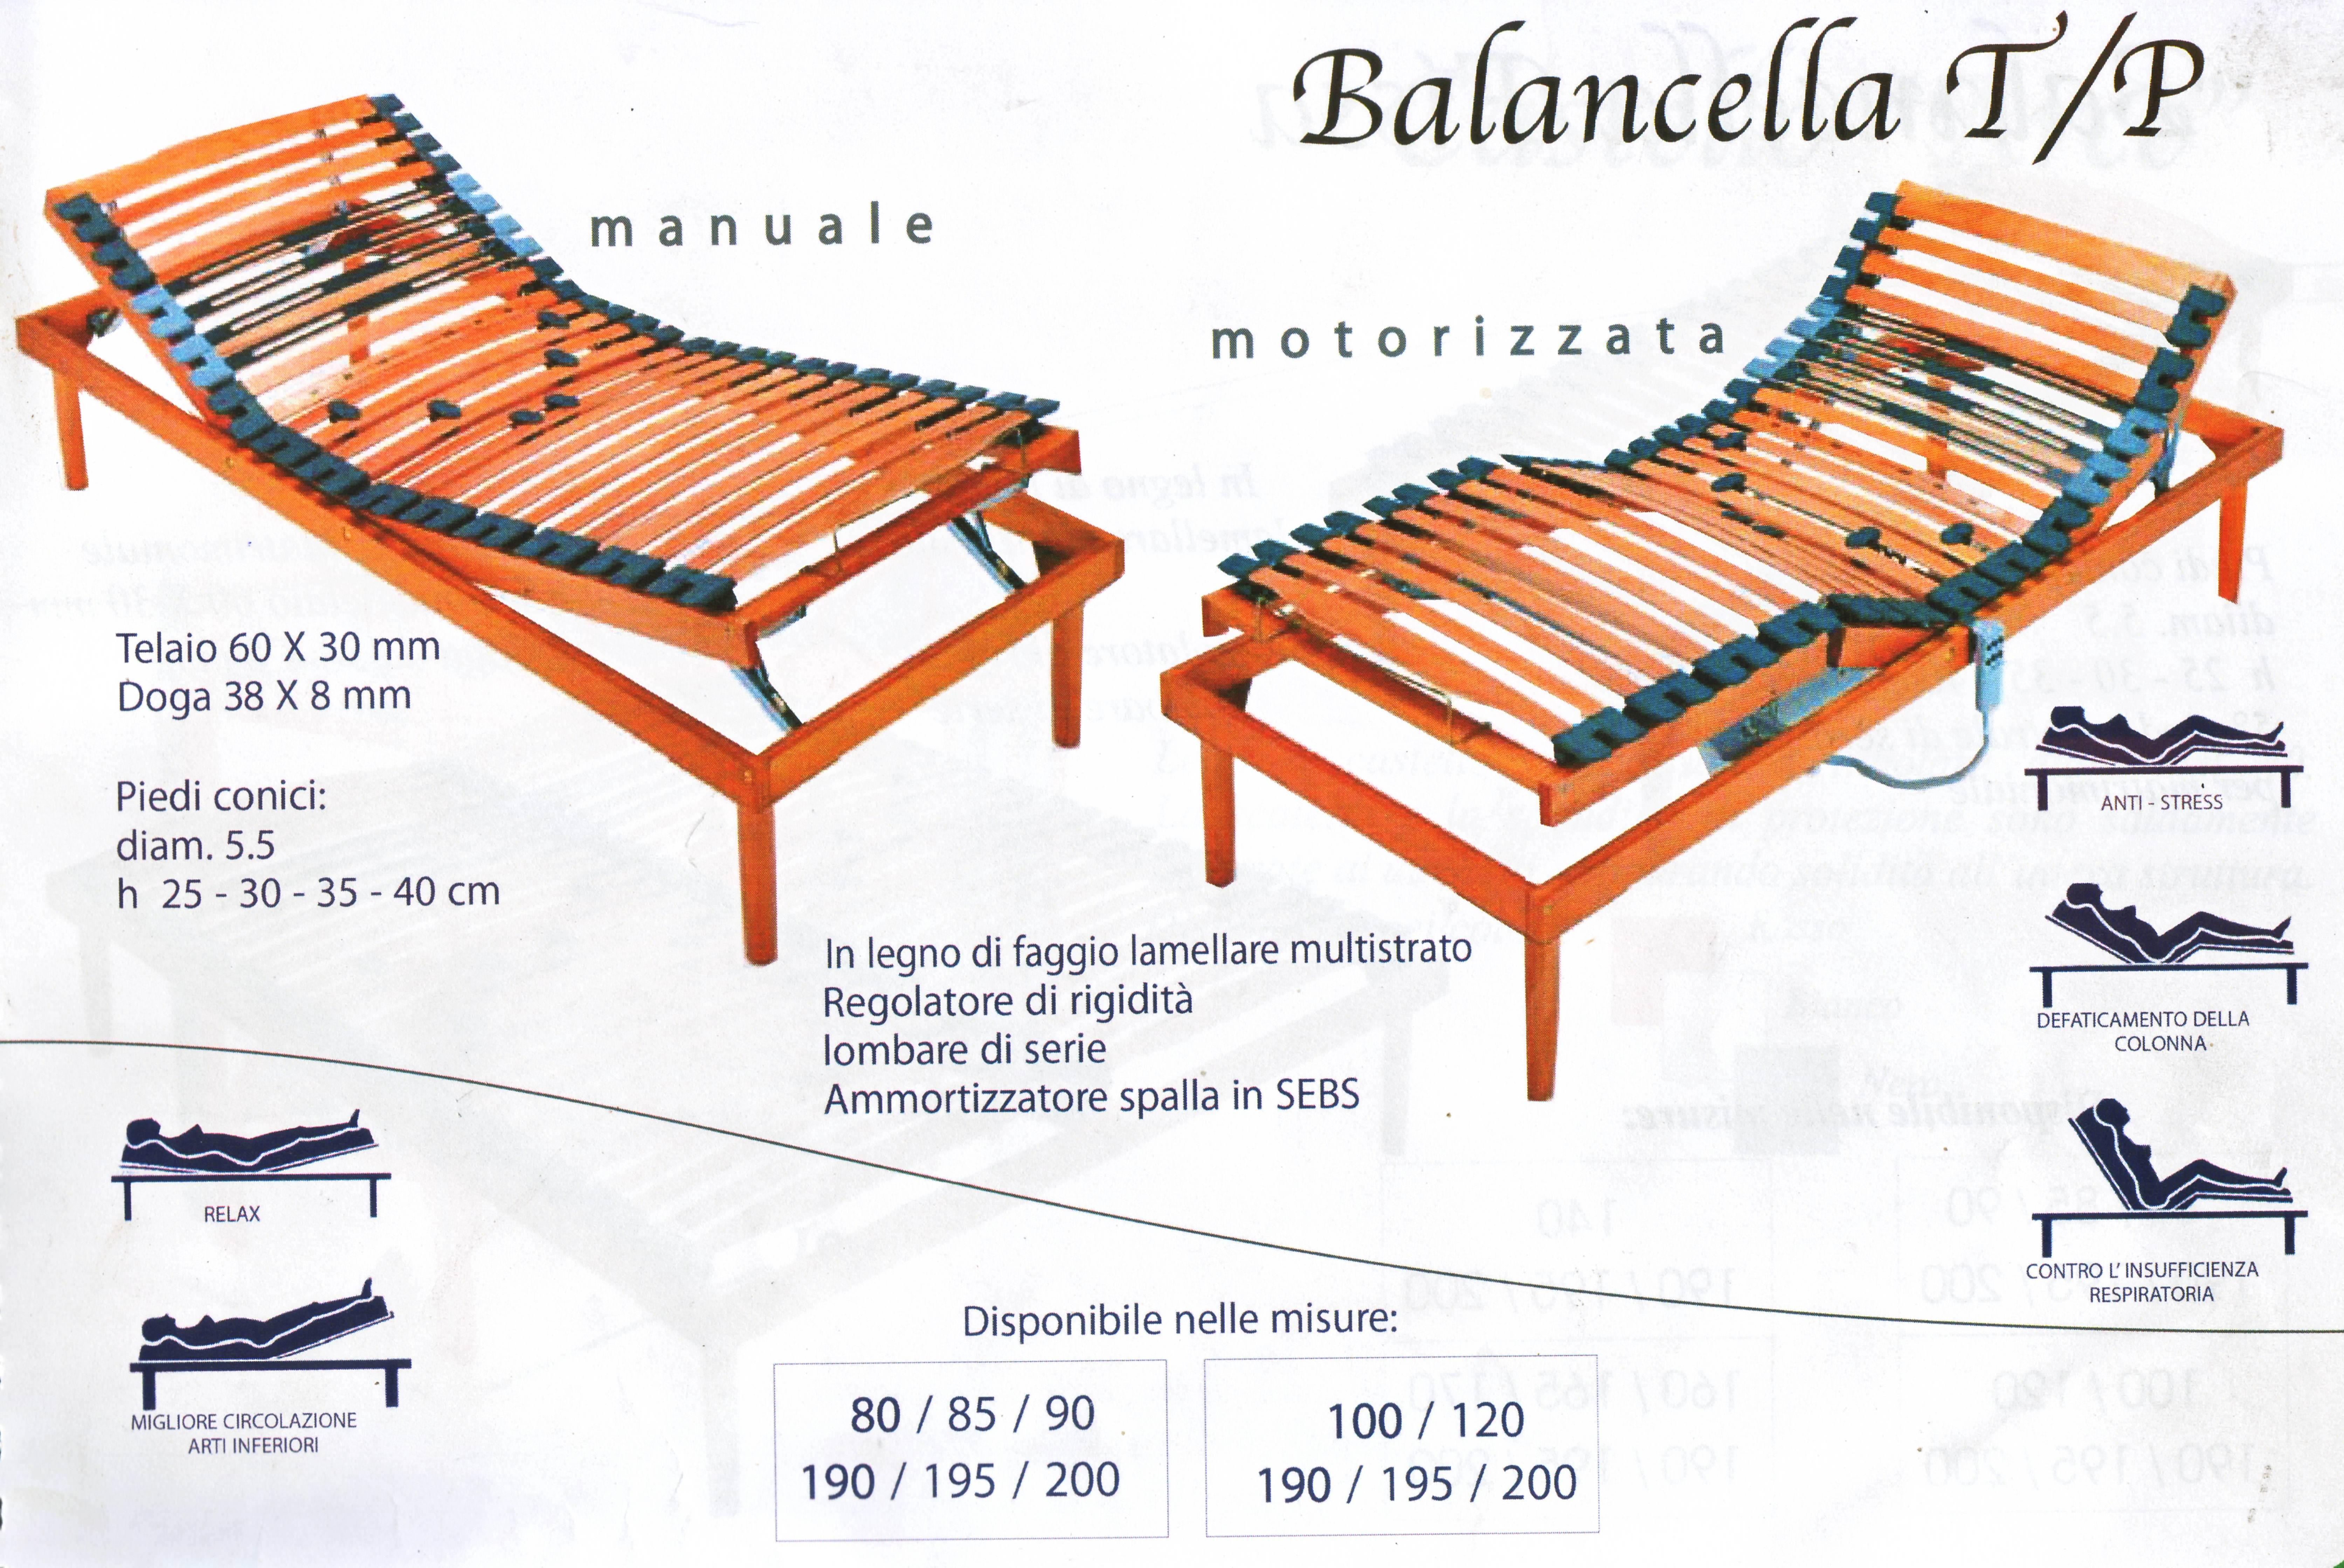 Rete a balancella in legno manuale/Tp